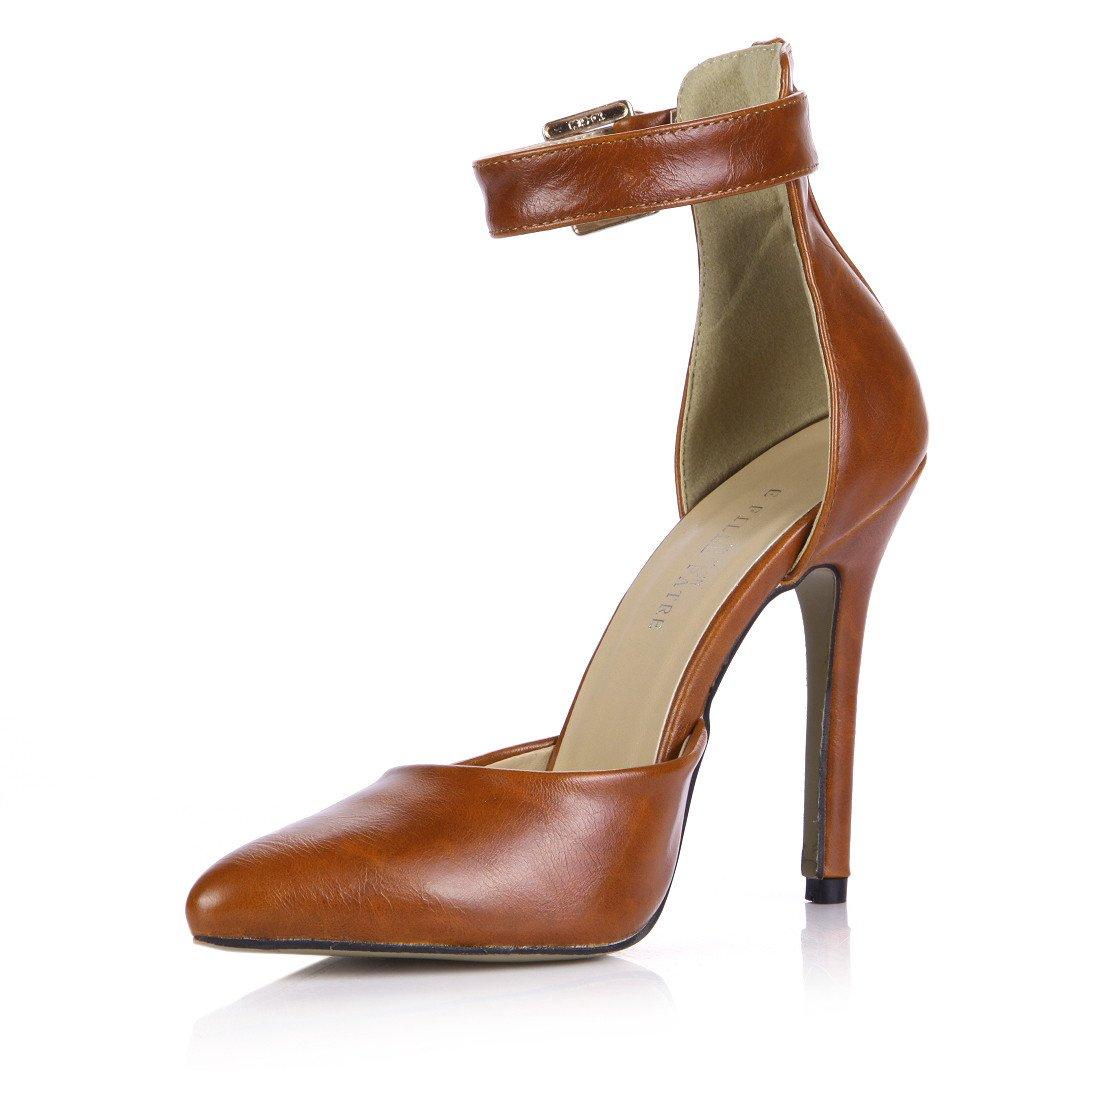 Camel Les femmes célibataires en Europe et en Amérique Nouvelle Conseils produits chaussures femmes pour les plus gros mot antistatique et chaussures de talon haut en couleur US10.5   EU42   UK8.5   CN43